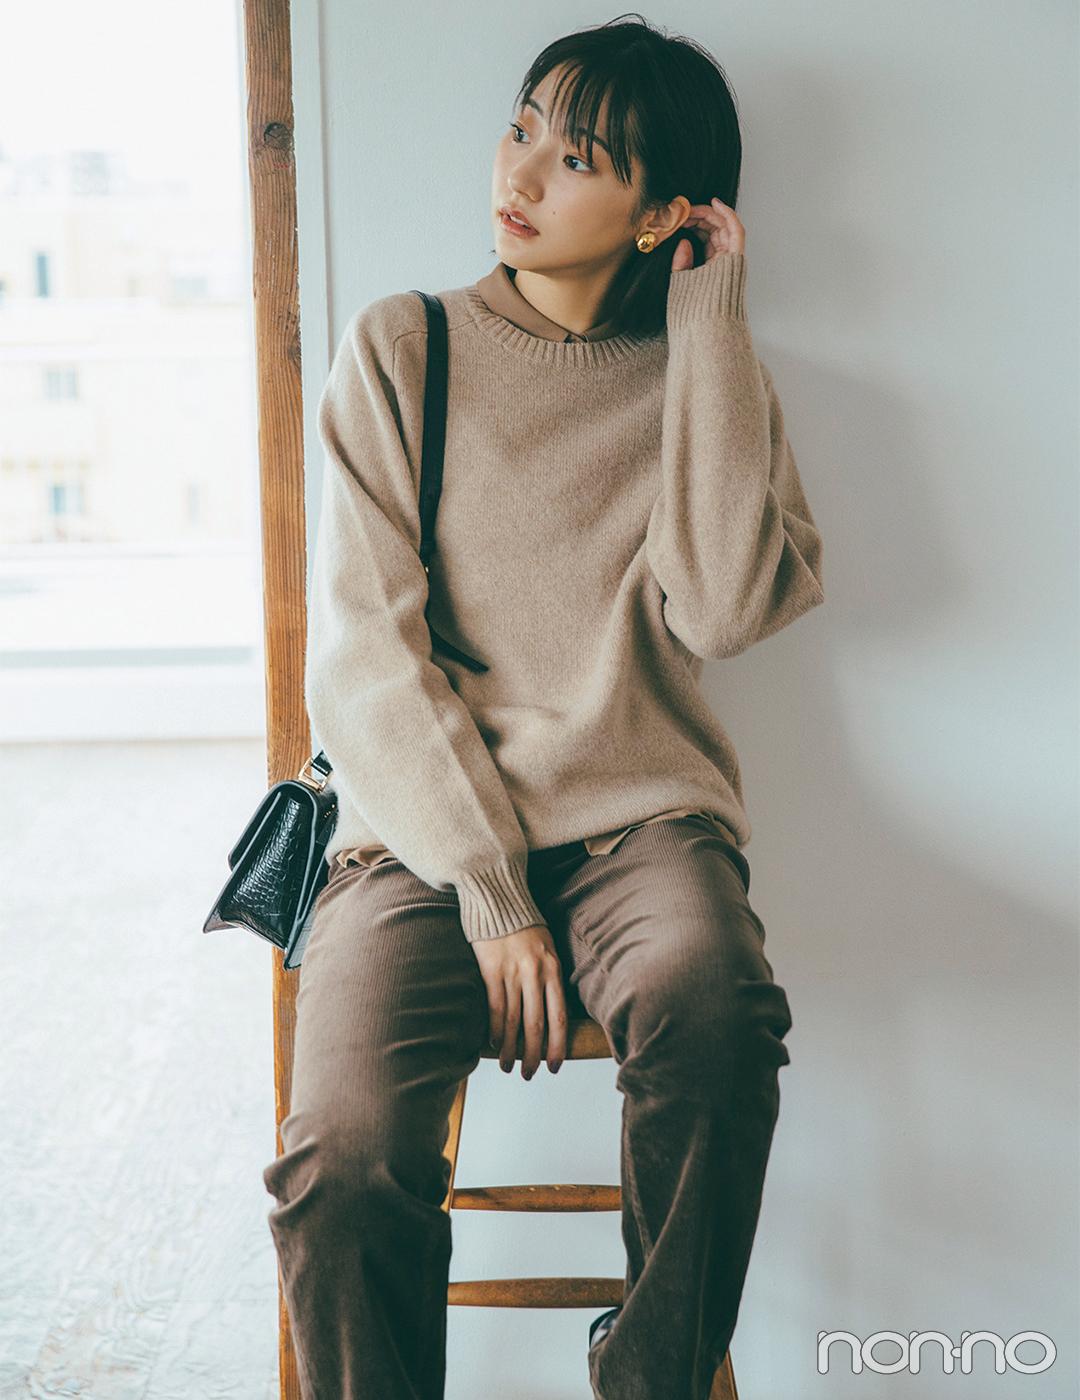 武田玲奈 プレミアムラムクルーネックセーター(UNIQLO)